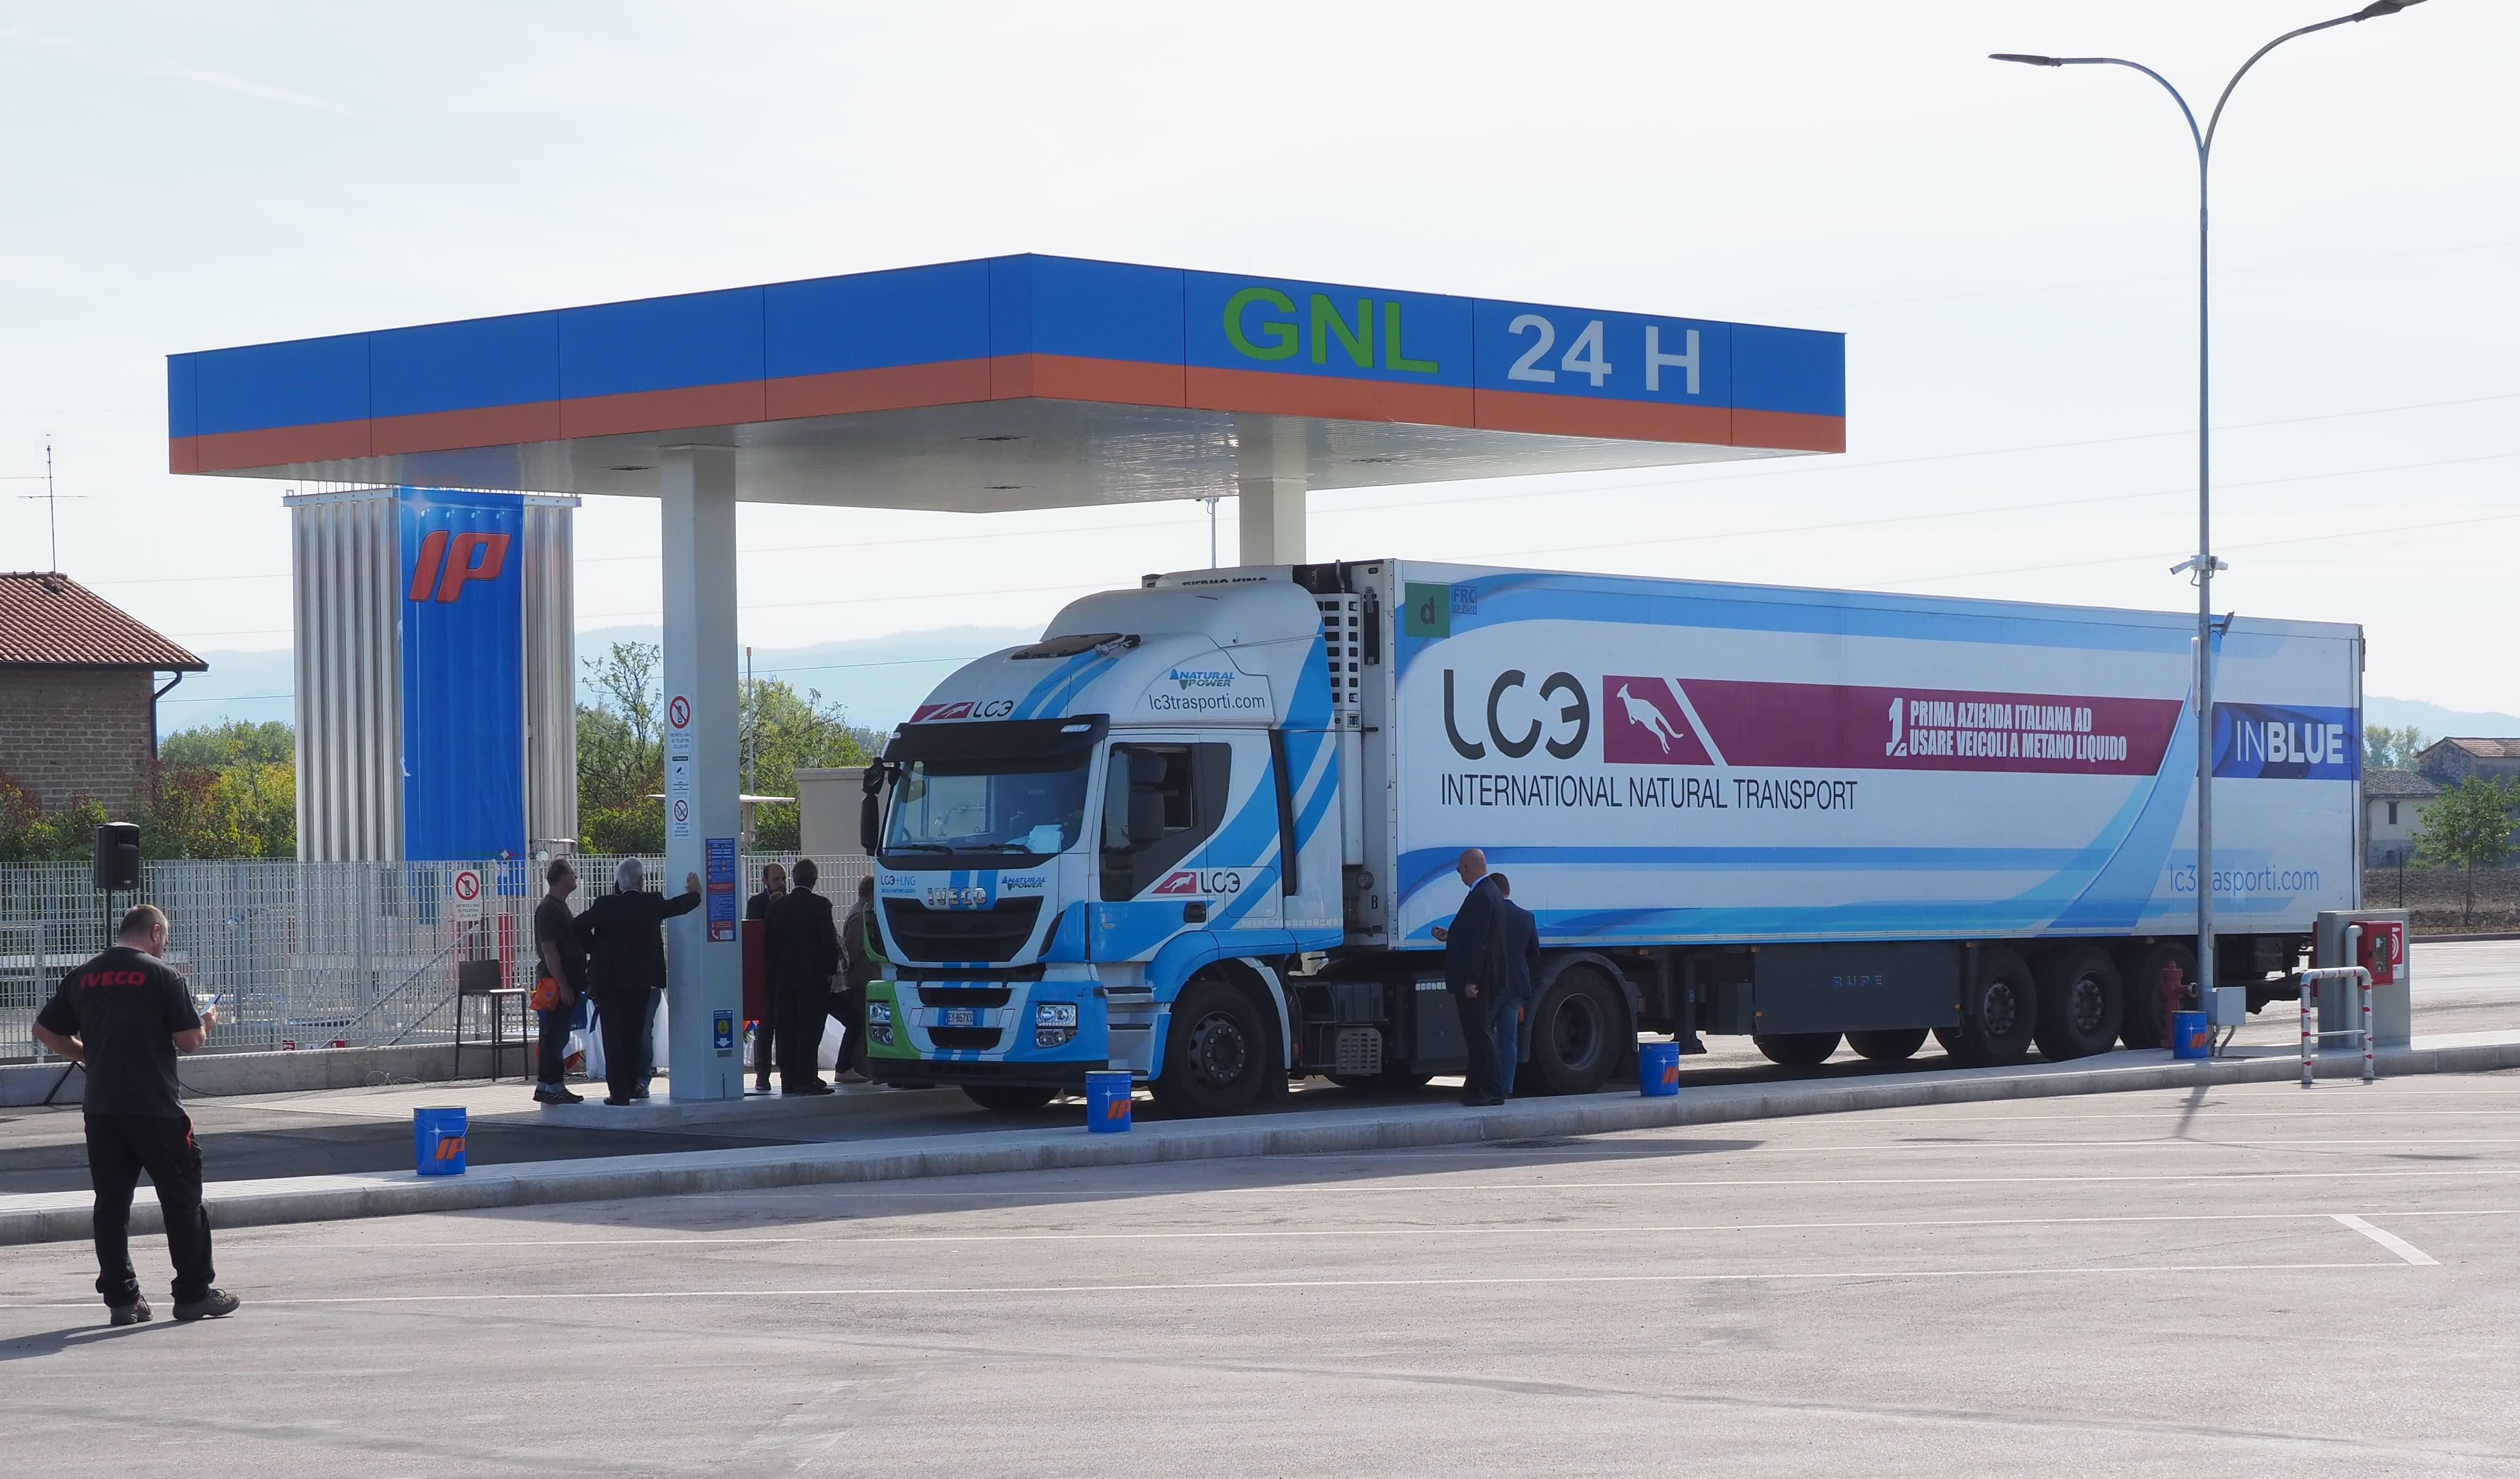 Nuova stazione LNG a Balanzano (Perugia)